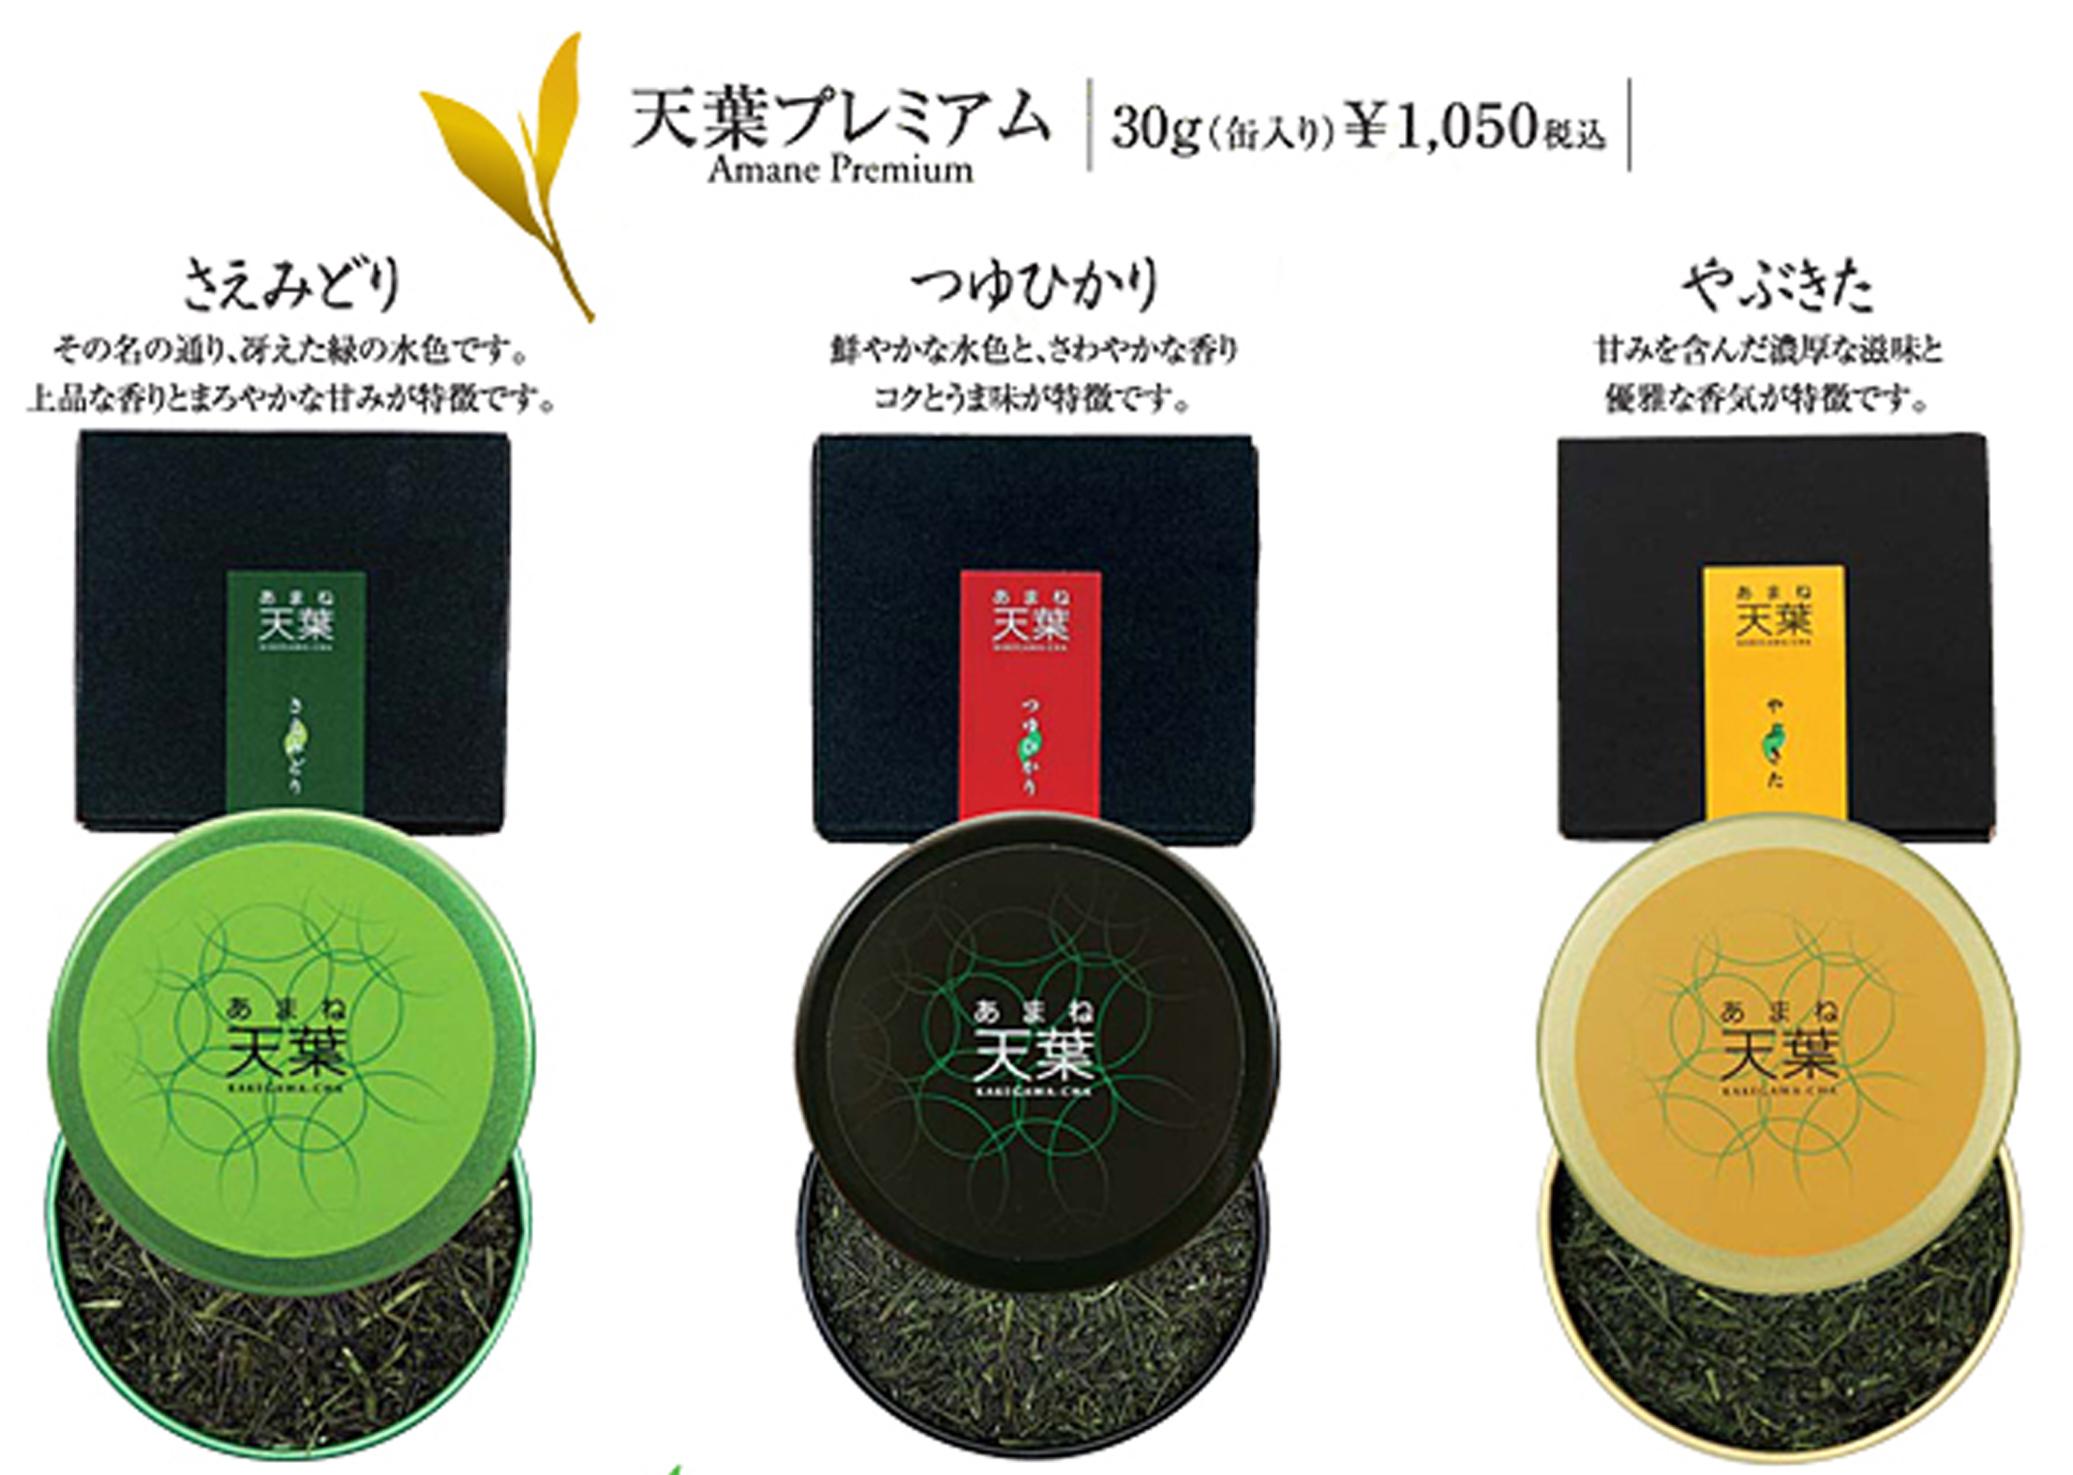 献上されたのは掛川ブランド「茶天葉(あまね)ファーストプレミアム」